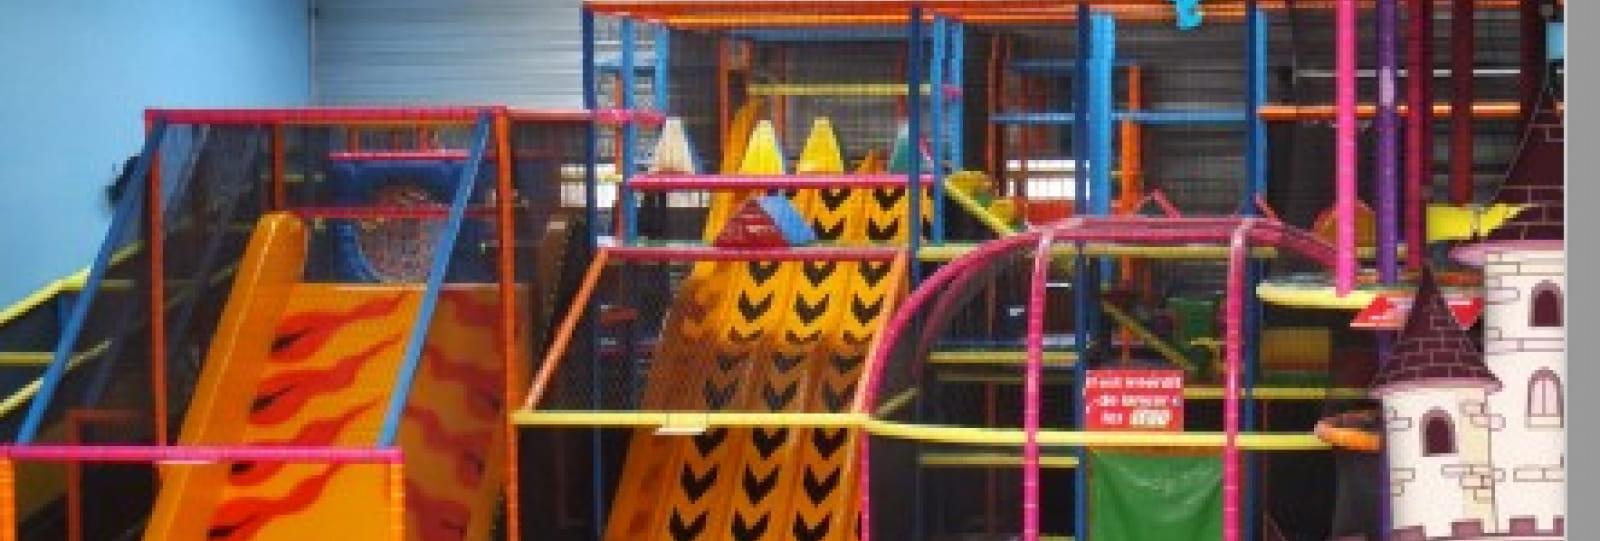 Paradikids - Parc de Jeux pour Enfants